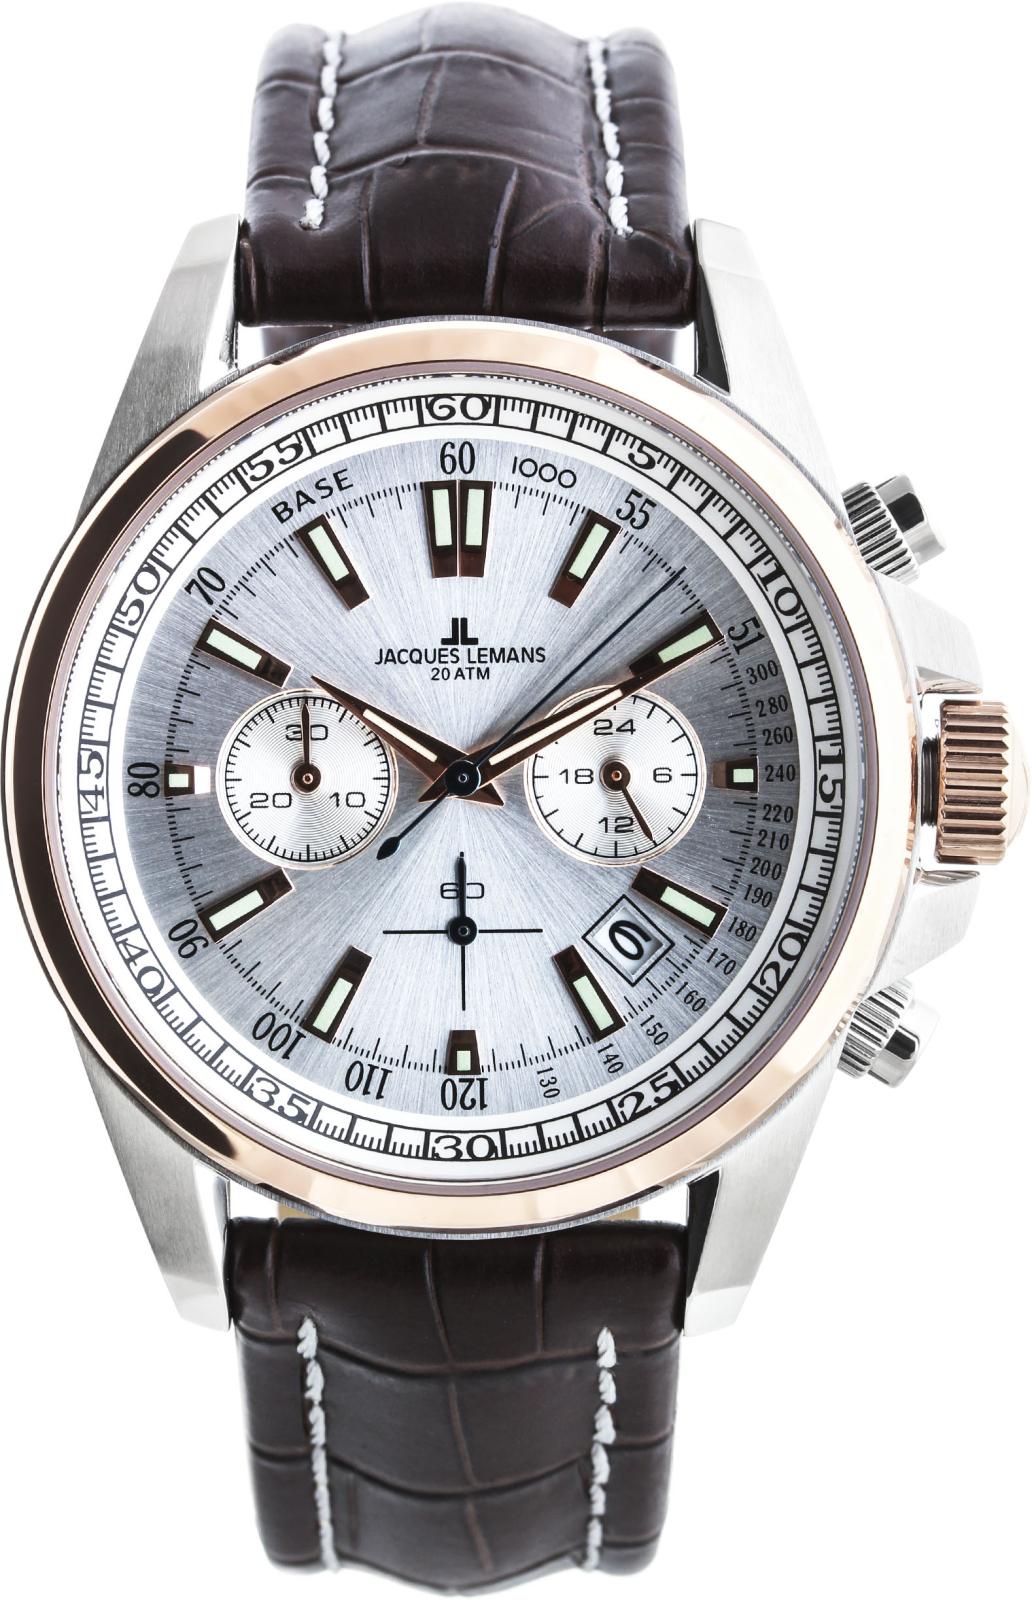 Jacques Lemans Liverpool 1-1117NNНаручные часы<br>Австрийские часы Jacques Lemans Liverpool 1-1117NN<br><br>Пол: Мужские<br>Страна-производитель: Австрия<br>Механизм: Кварцевый<br>Материал корпуса: Сталь<br>Материал ремня/браслета: Кожа<br>Водозащита, диапазон: None<br>Стекло: Минеральное<br>Толщина корпуса: 12  мм<br>Стиль: None